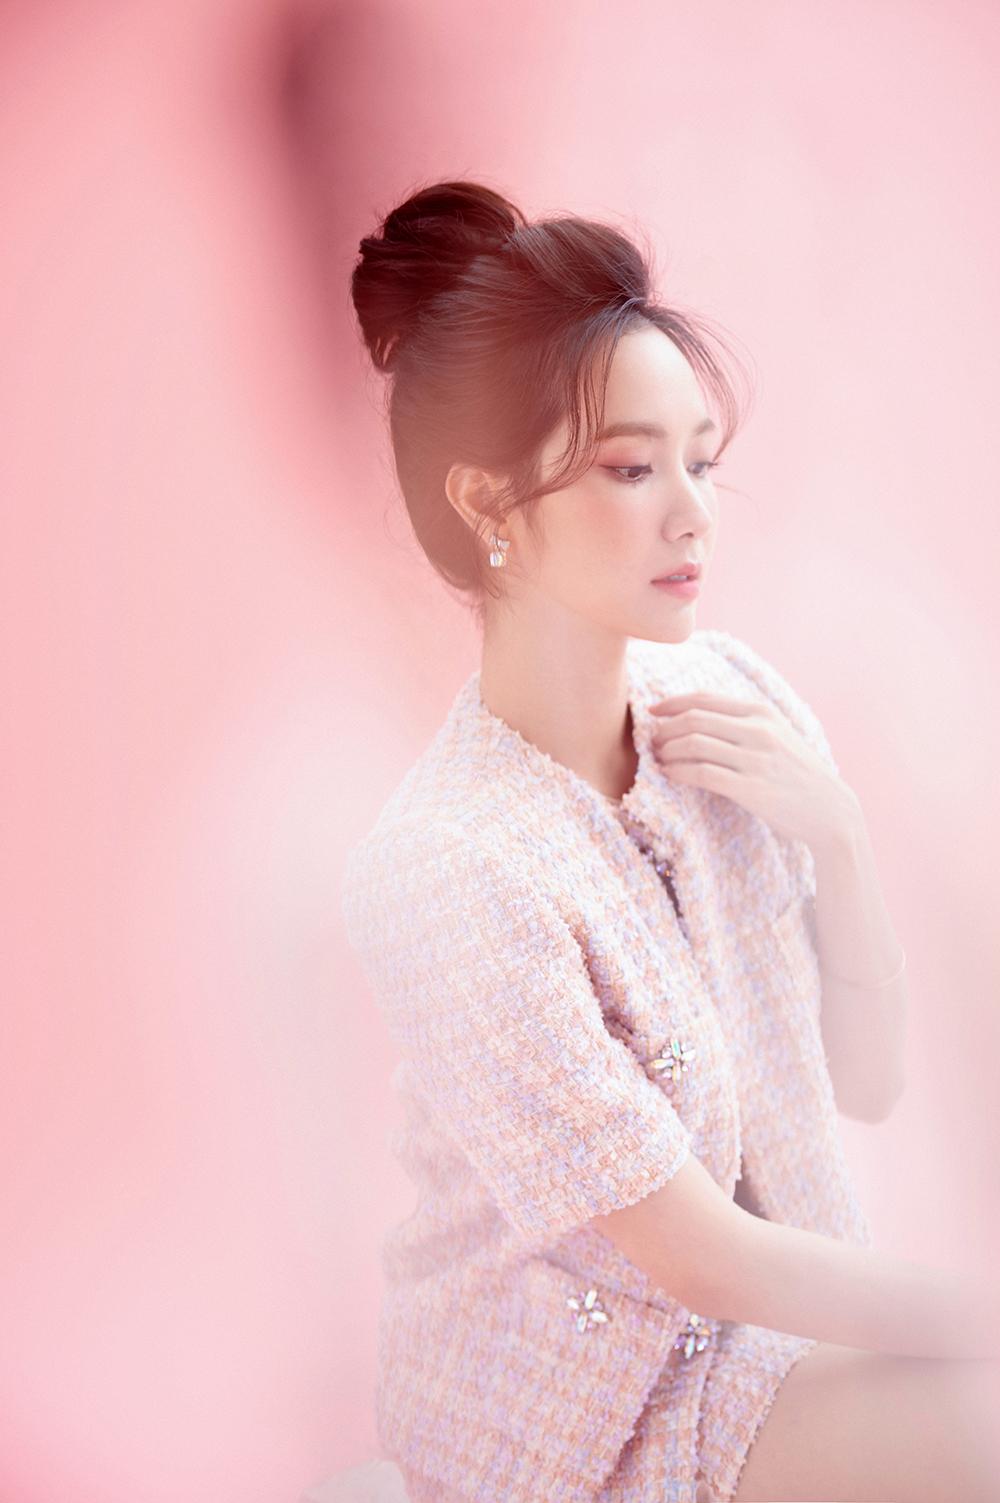 Nữ ca sĩ trông bắt mắt hơn với thiết kế lấy tông hồng làm chủ đạo, kết hợp thêm với sắc cam, vàng được